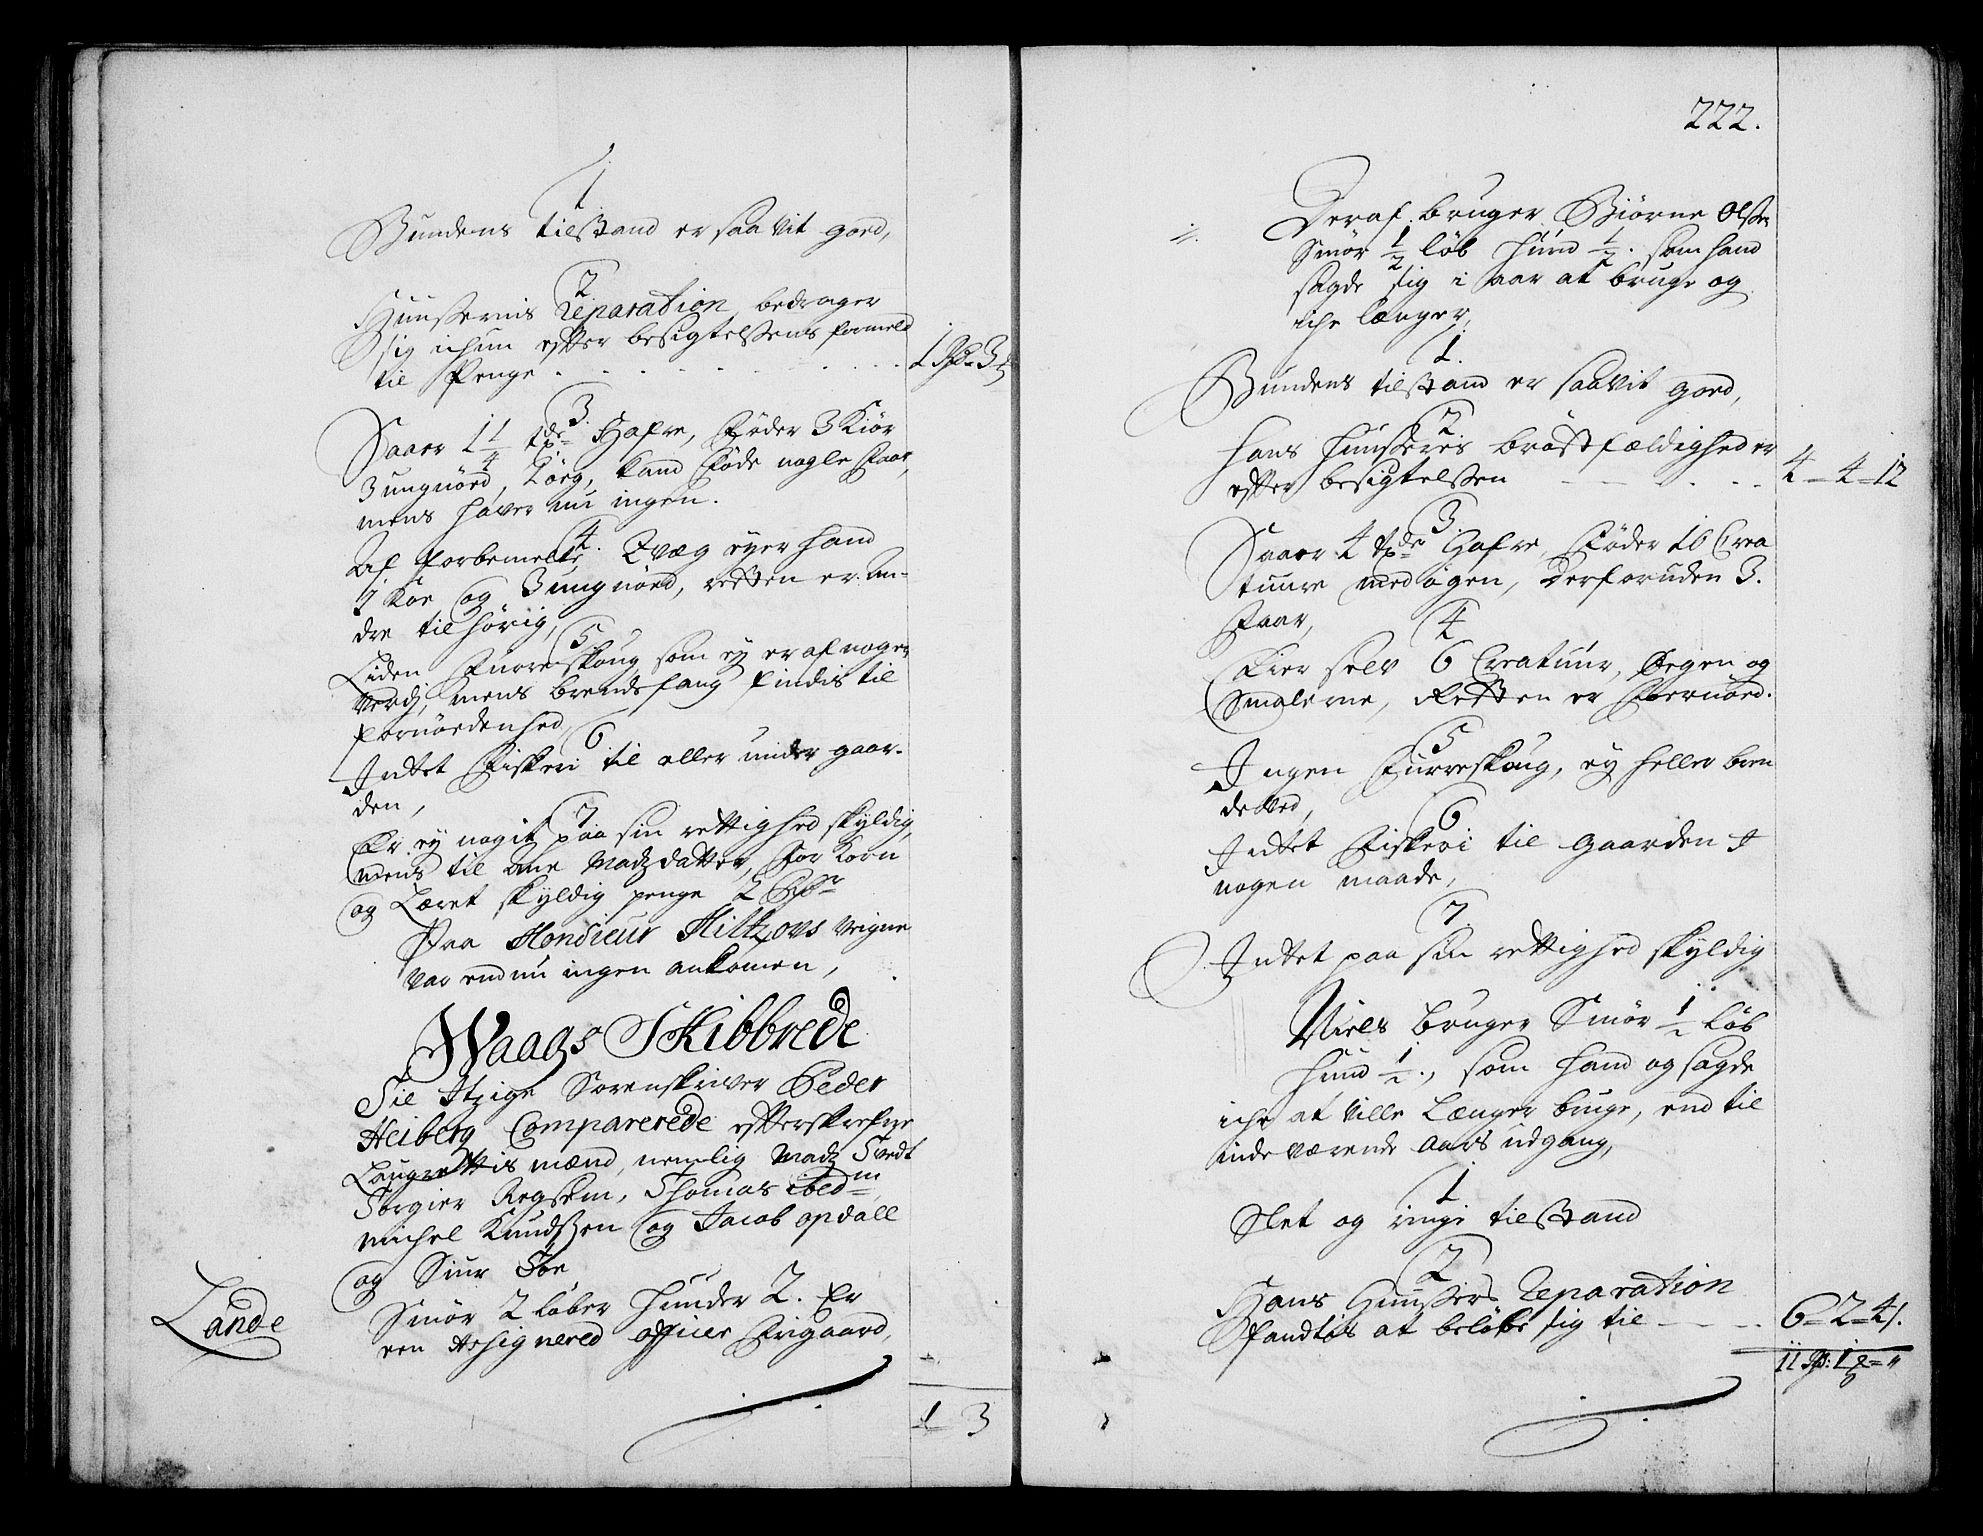 RA, Rentekammeret inntil 1814, Realistisk ordnet avdeling, On/L0003: [Jj 4]: Kommisjonsforretning over Vilhelm Hanssøns forpaktning av Halsnøy klosters gods, 1712-1722, s. 221b-222a